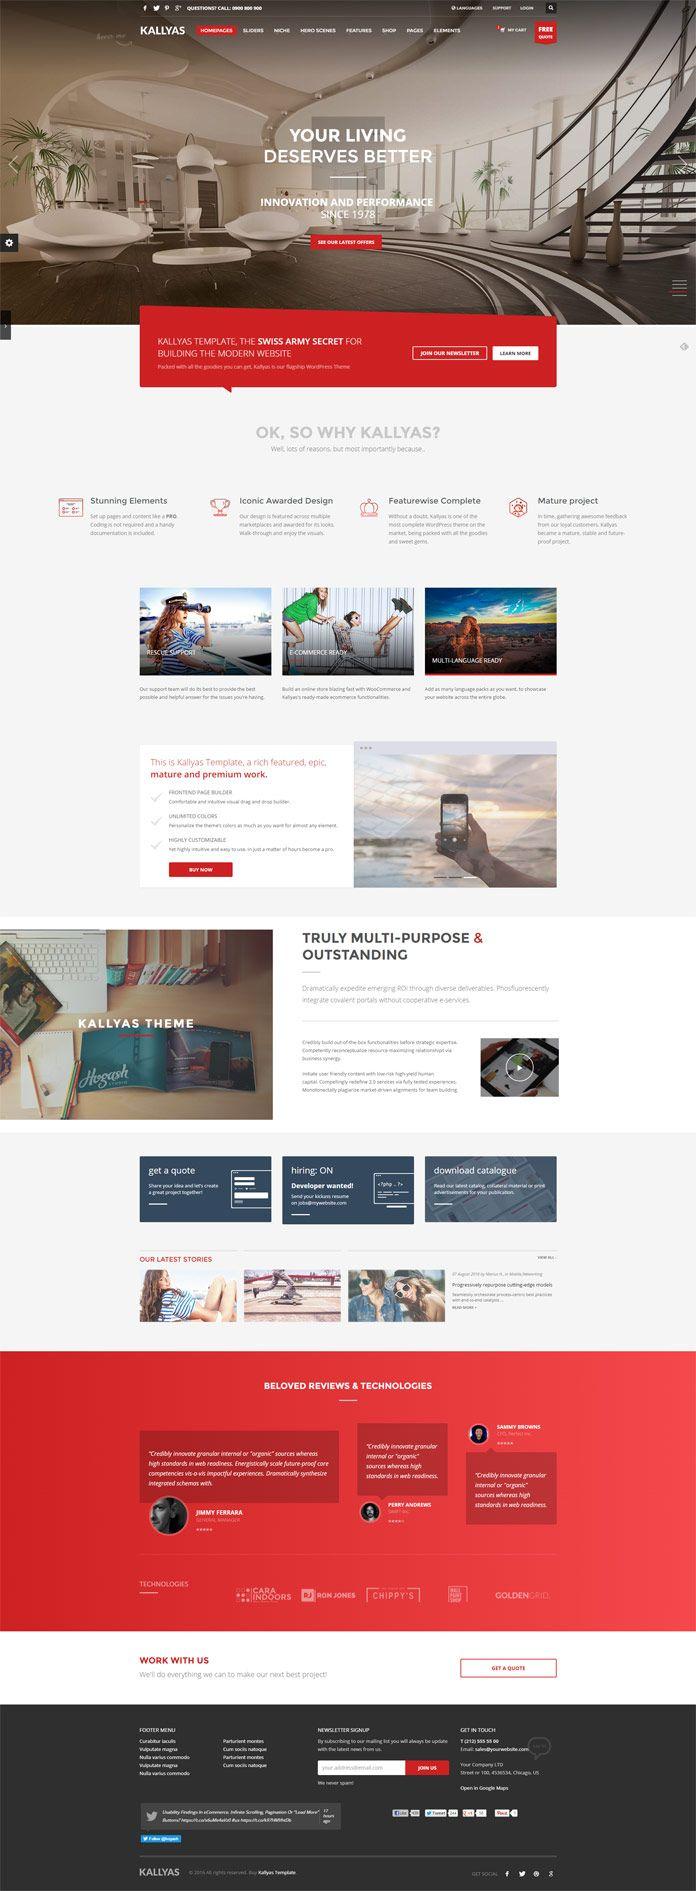 KALLYAS Website Template 240 best Build a